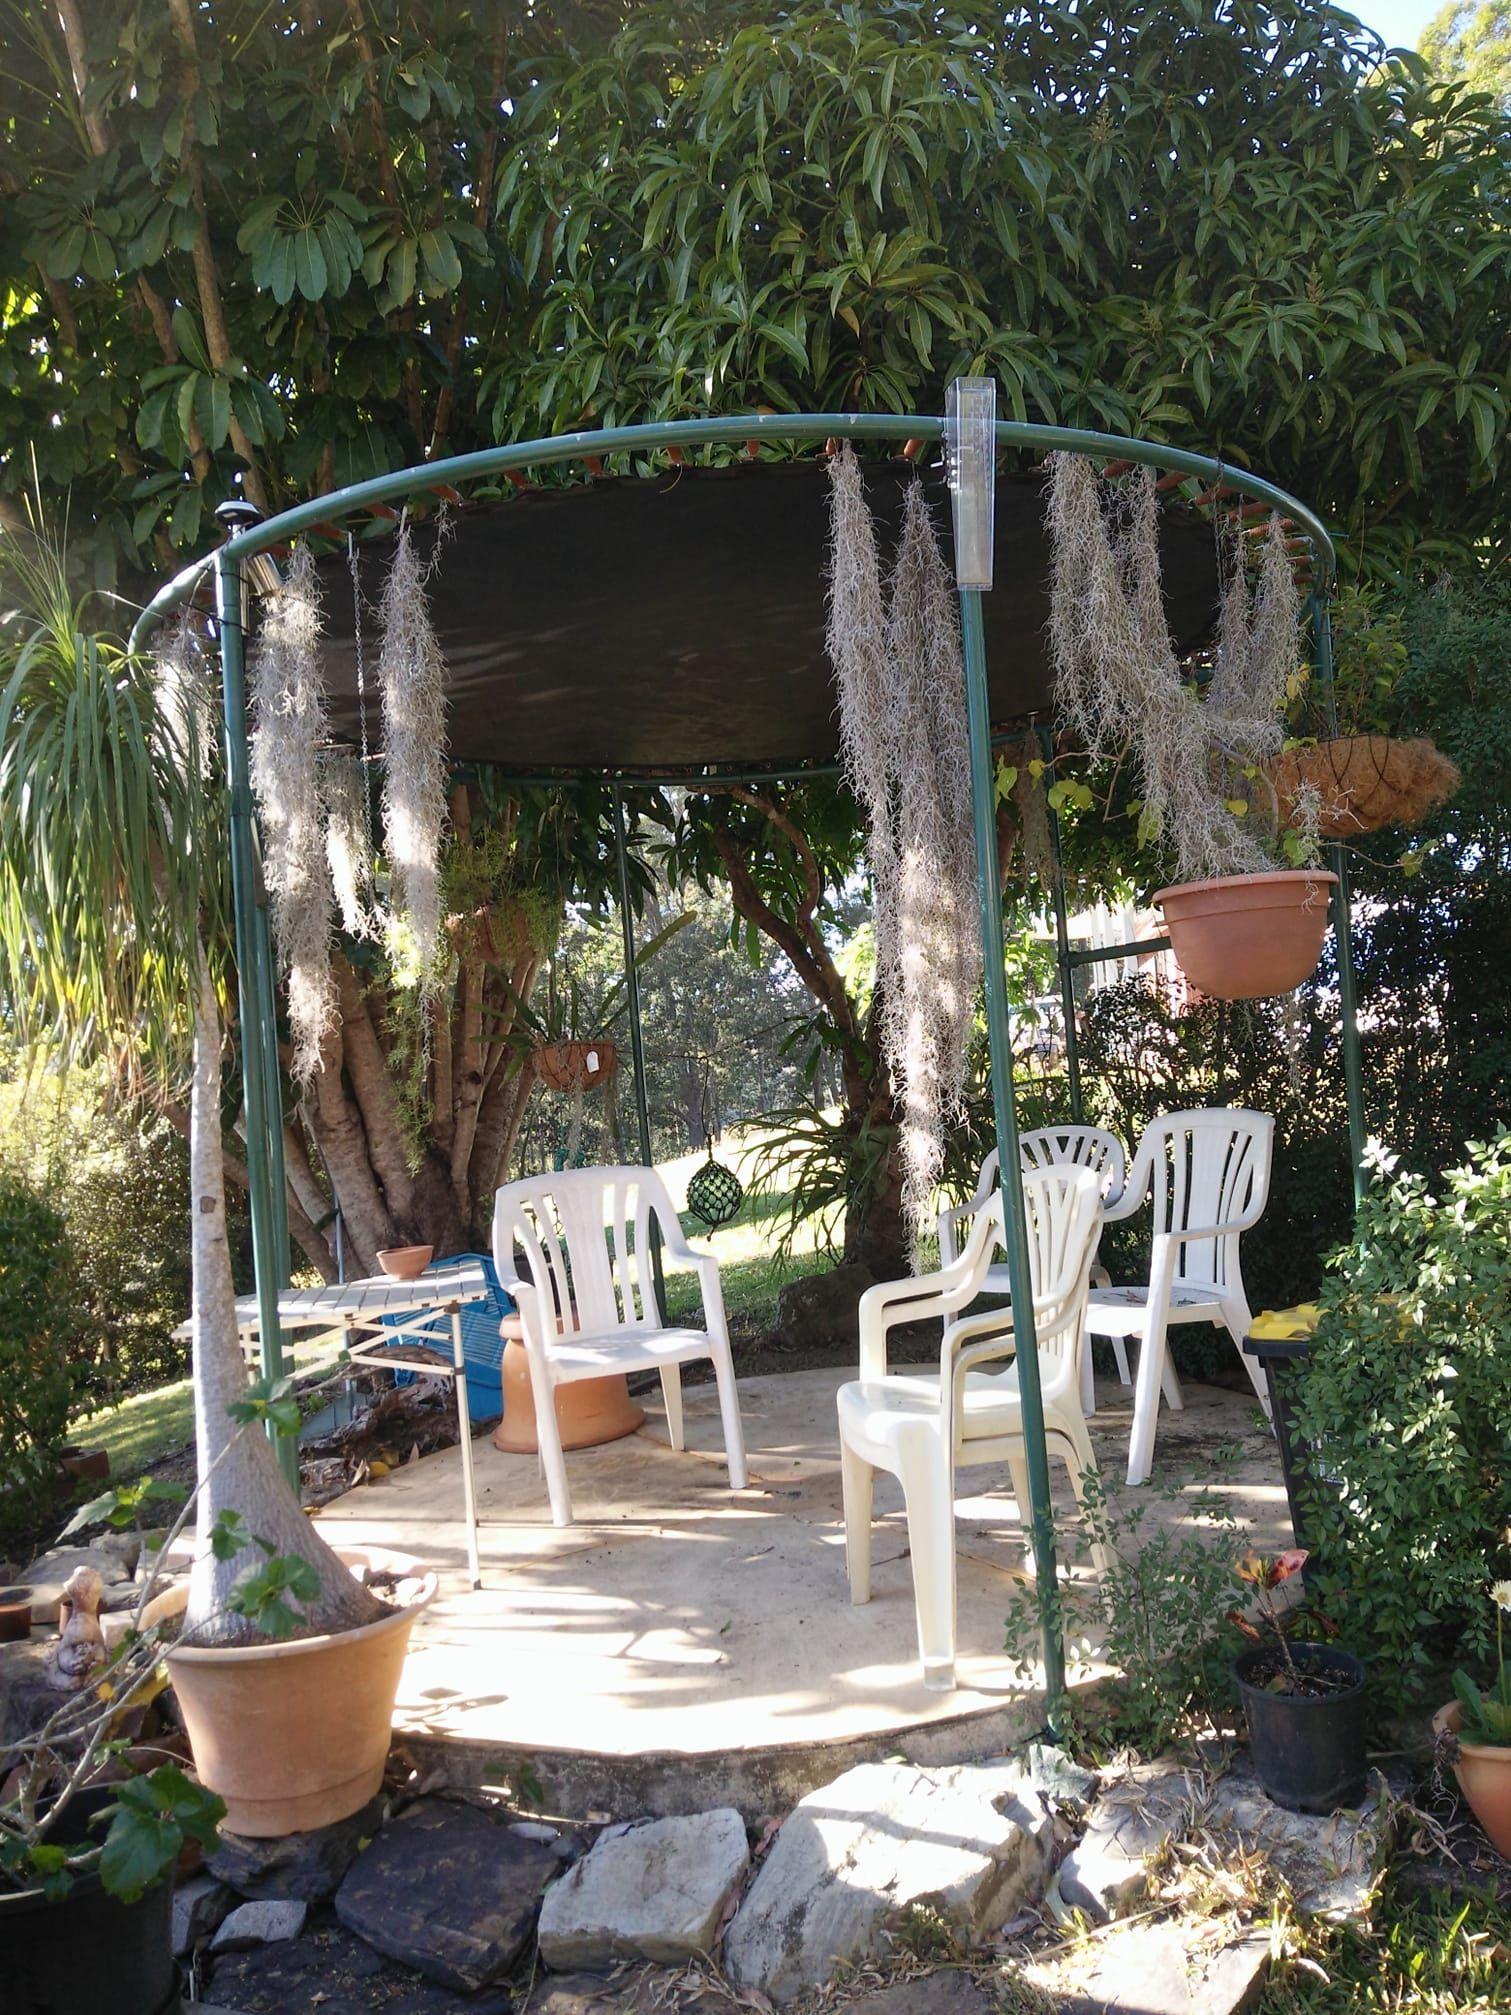 Upcycled Trampoline Gazebo Diy Diy Gazebo Recycled Trampoline Garden Trampoline